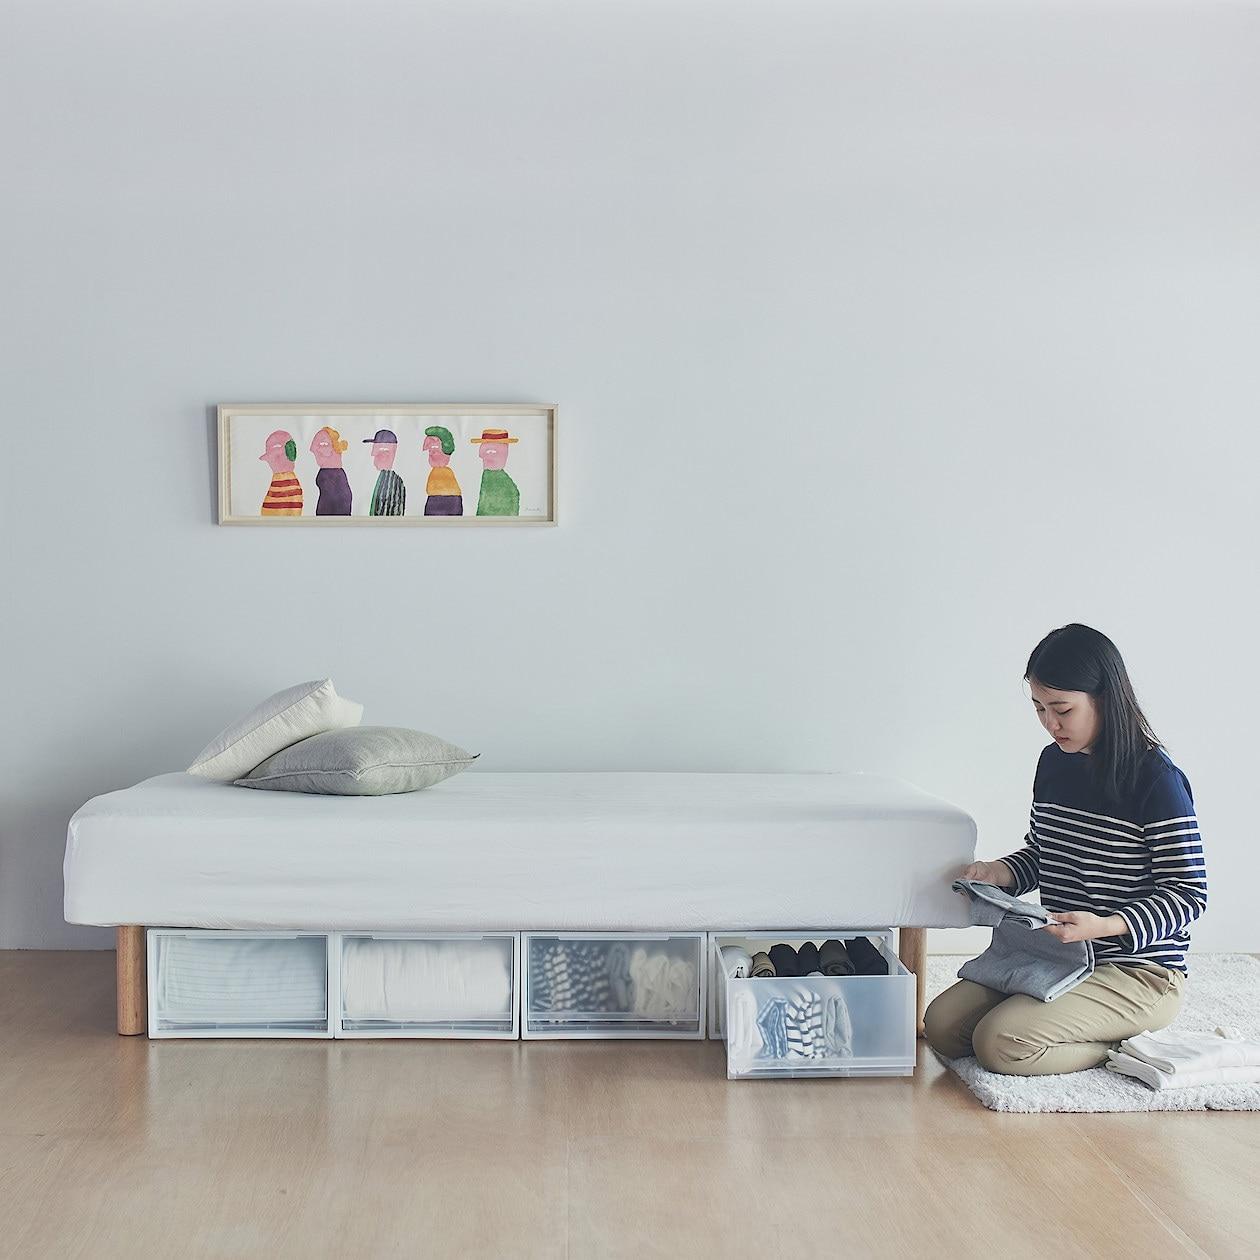 ベッド 無印 無印良品「ベッド」の選び方と種類とは?おしゃれインテリア実例4選